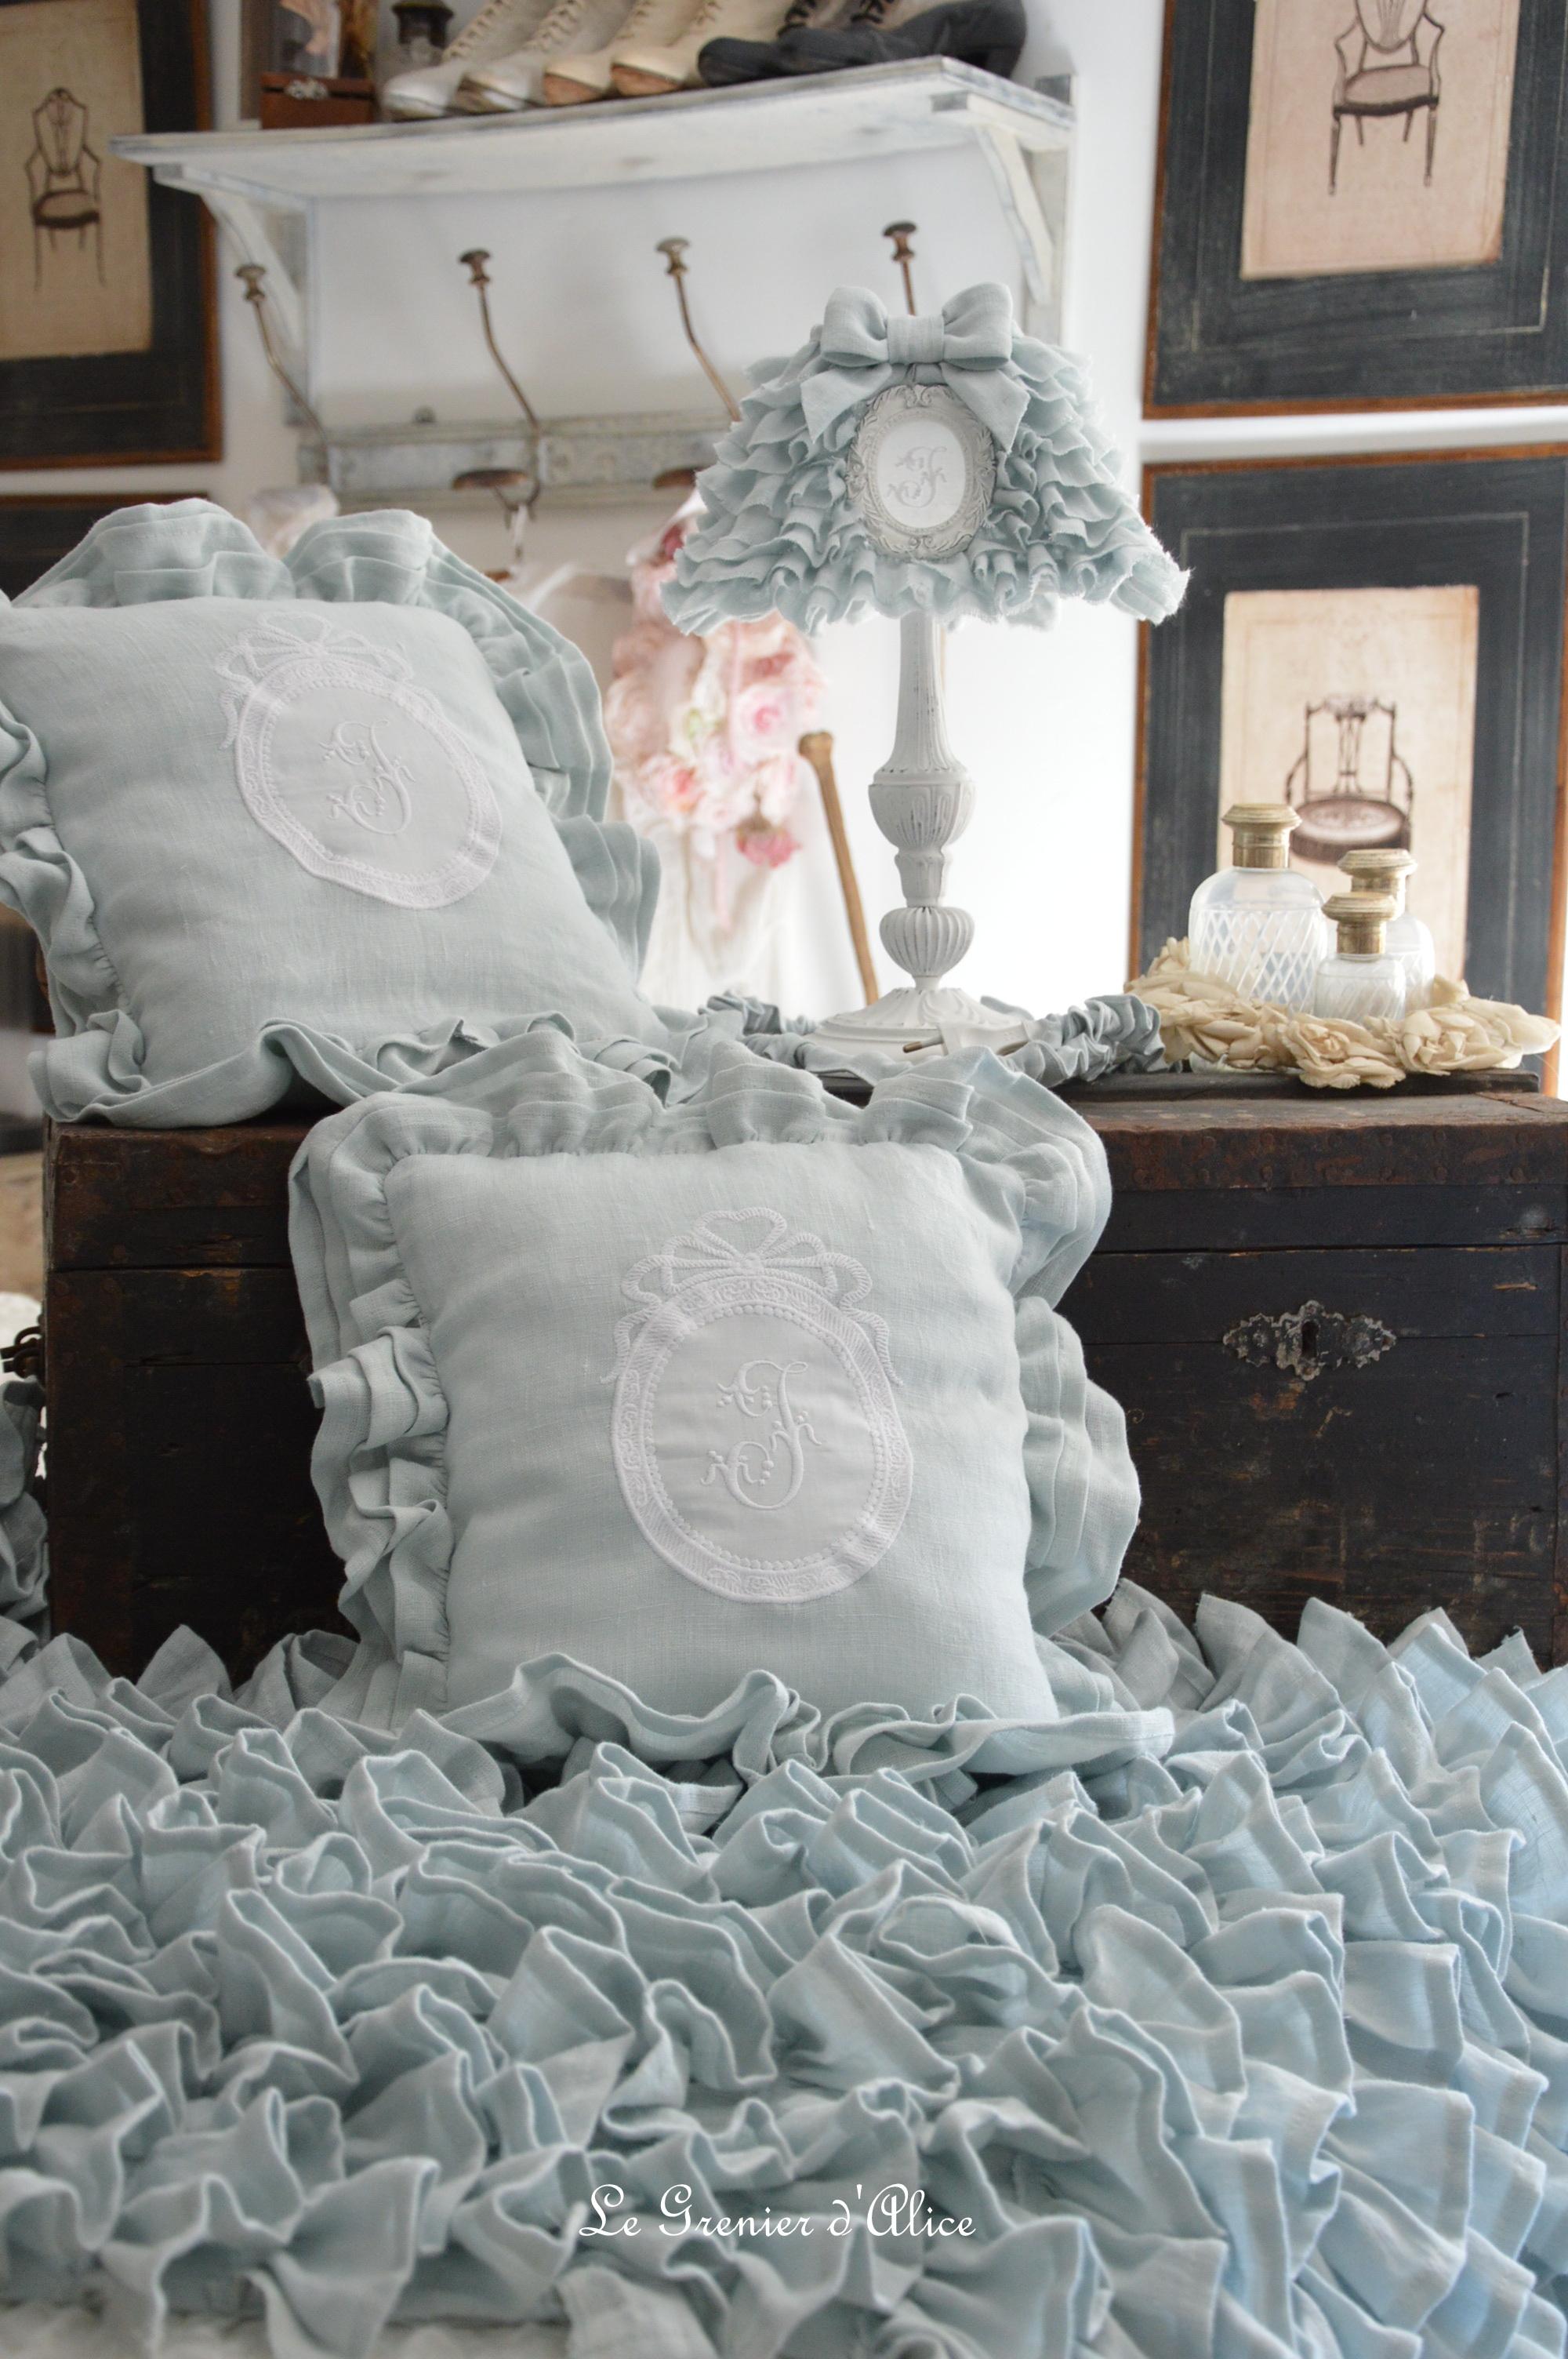 Bout de lit jeté de lit bout de pied shabby chic romantique lin gris nordique gris gustavien volant froufrou ruffle linen création le grenier dalice abat jour lampshade coussin pillow 2